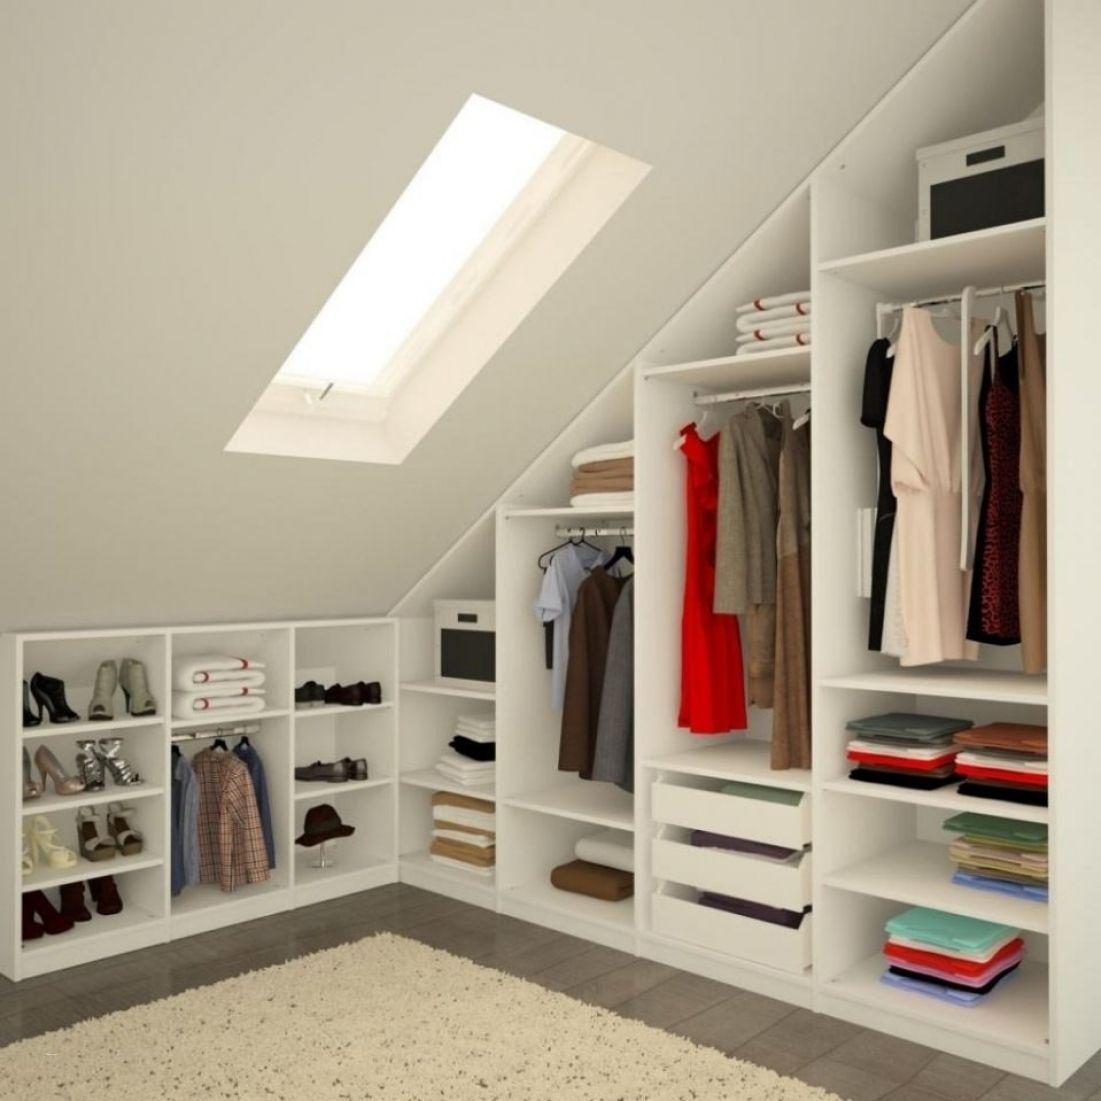 Begehbarer Kleiderschrank Selber Bauen Dachschräge : begehbarer kleiderschrank dachschra dachschr ge schrank ~ Watch28wear.com Haus und Dekorationen